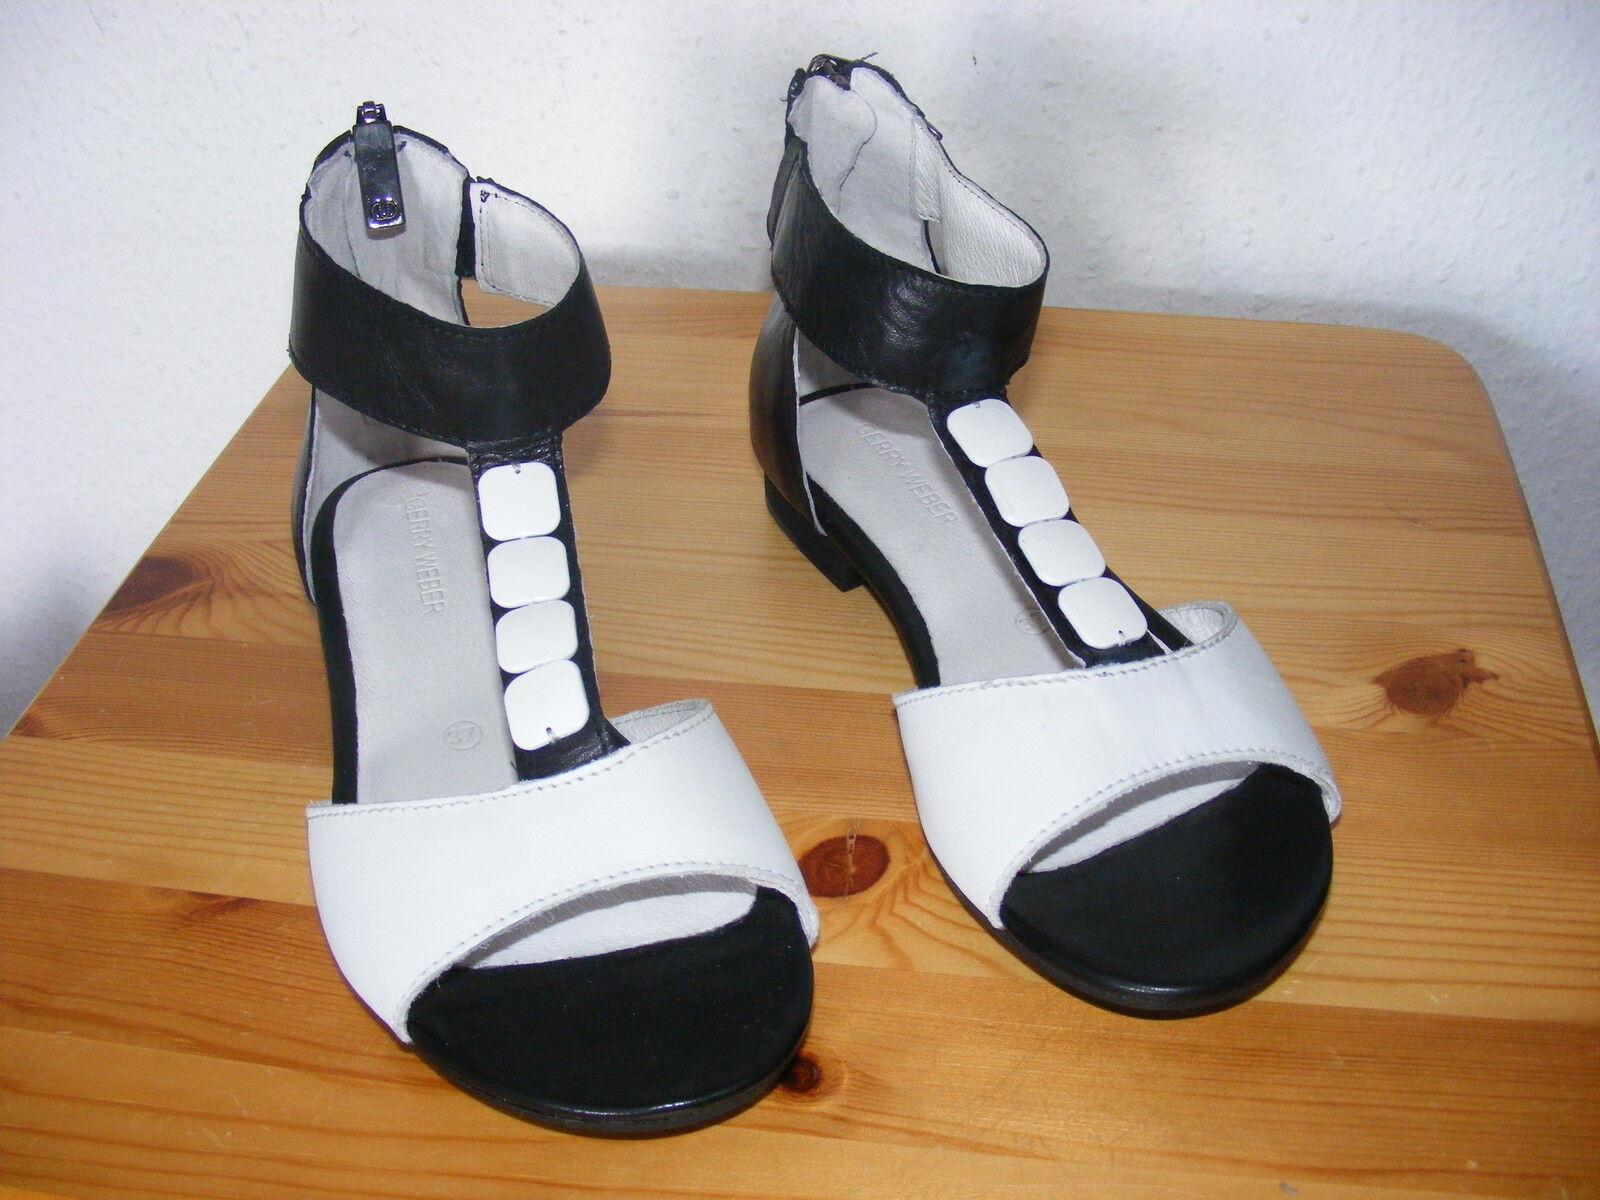 TG. 37 Gerry Weber NUOVO sandali caviglia cinturino pelle, alta alla caviglia sandali Nero + Bianco Elegante 2365de